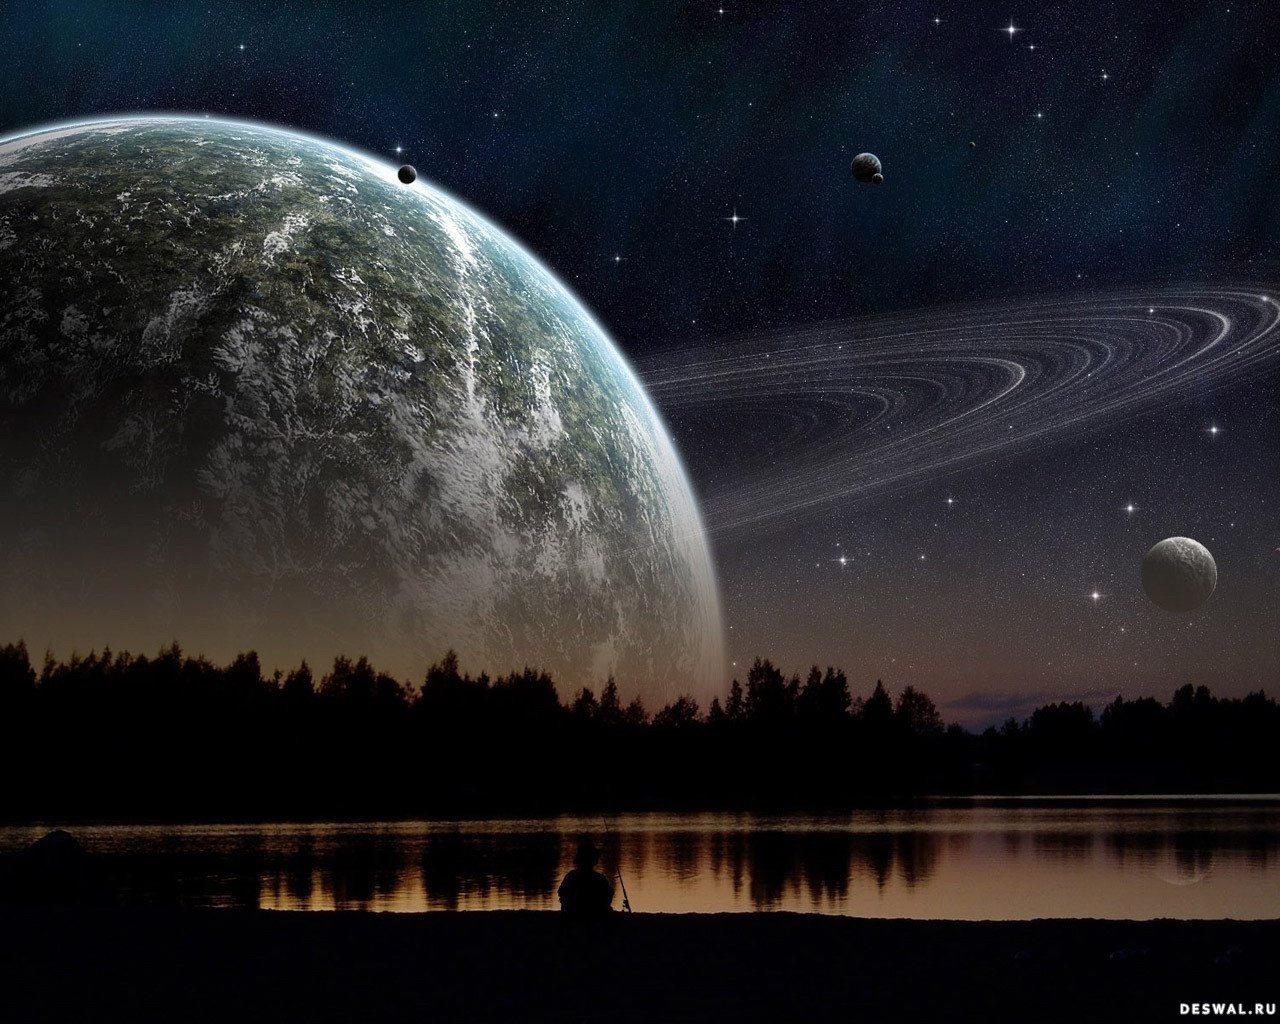 Фото 8.. Нажмите на картинку с обоями космоса, чтобы просмотреть ее в реальном размере